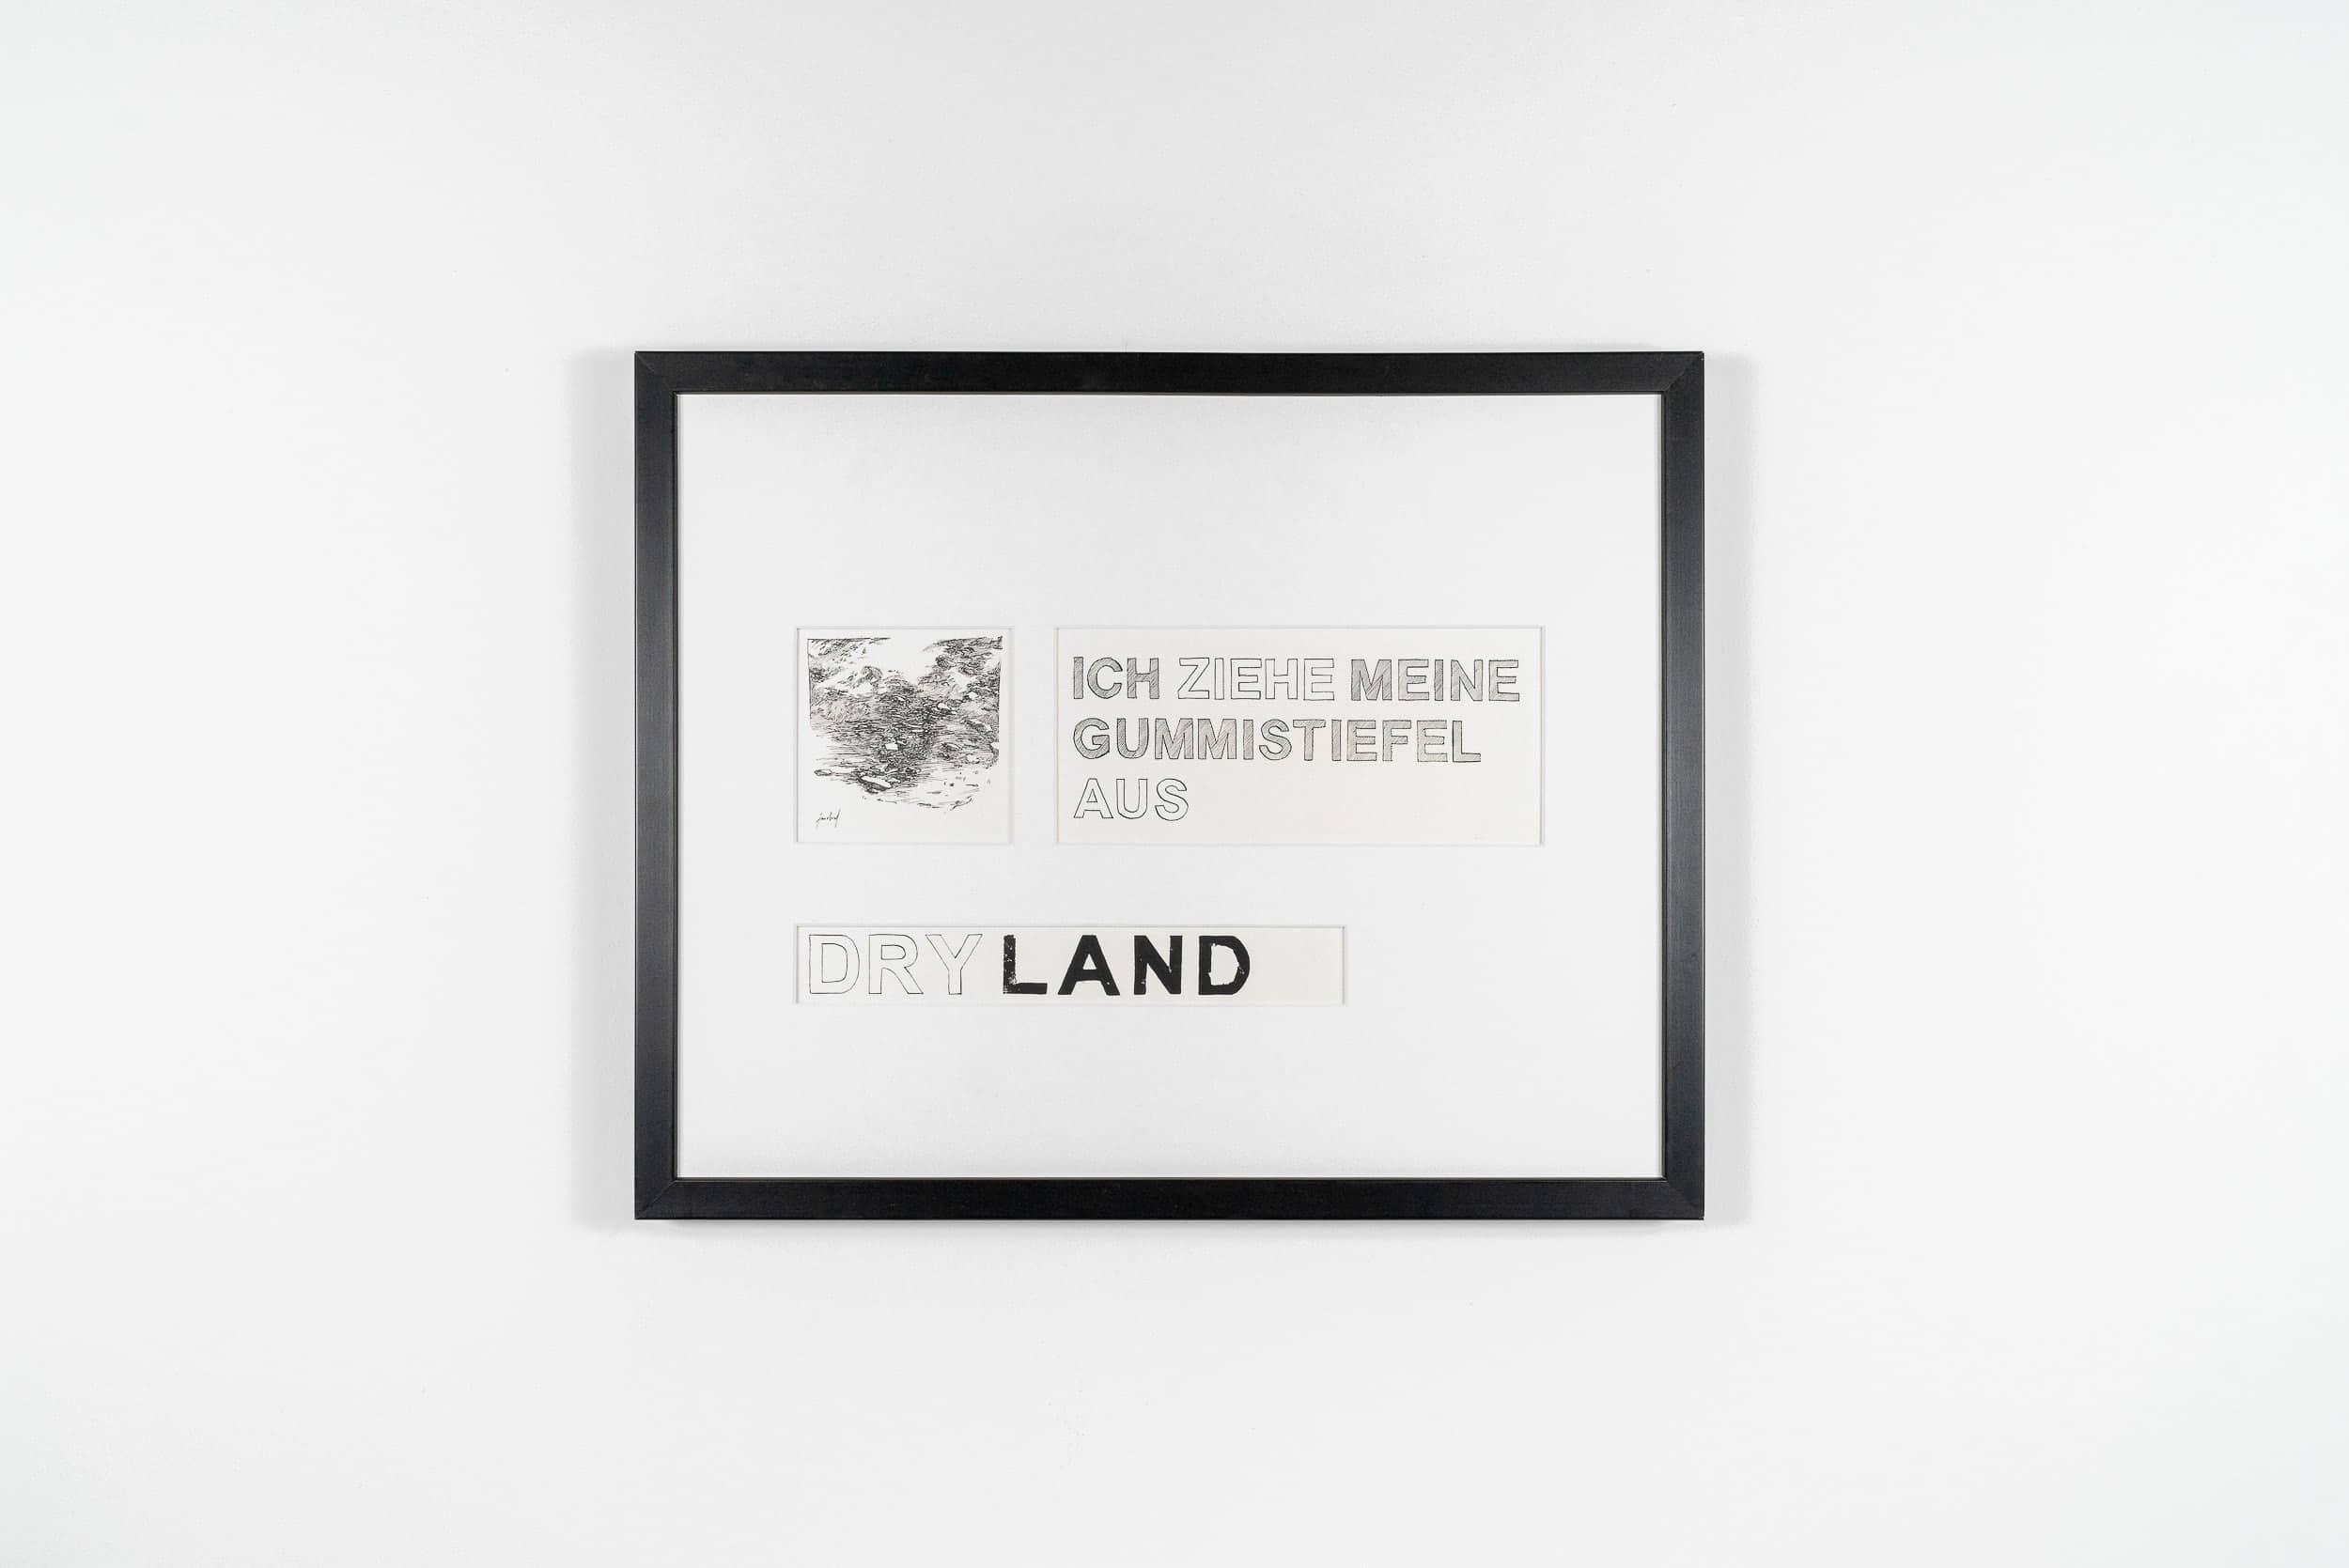 FL02 Dryland 50 × 40 cm Papier / Tusche / Holzdruck 2013